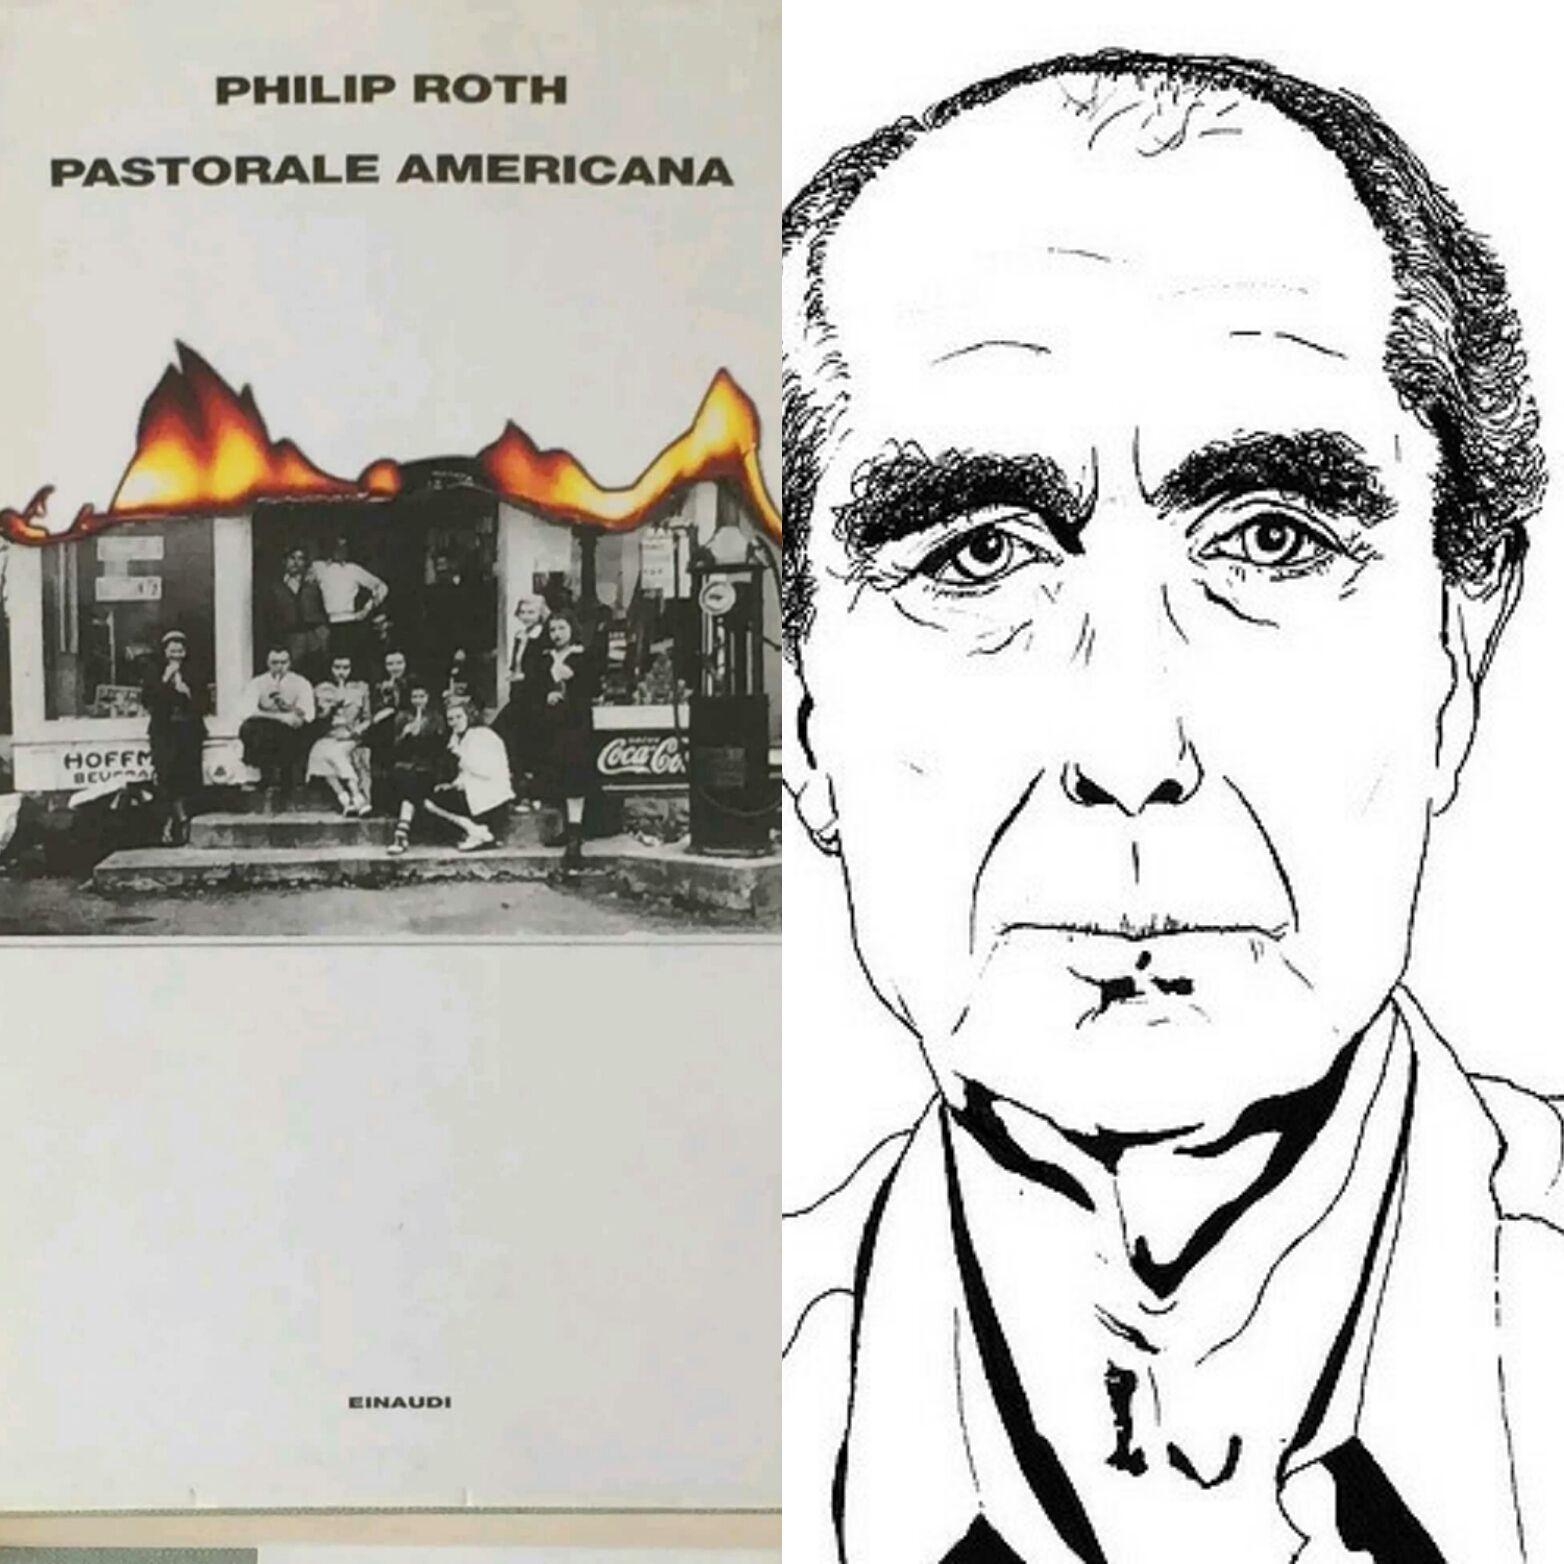 """È scomparso Philip Roth: """"Pastorale americana"""" presto alle stelle!"""